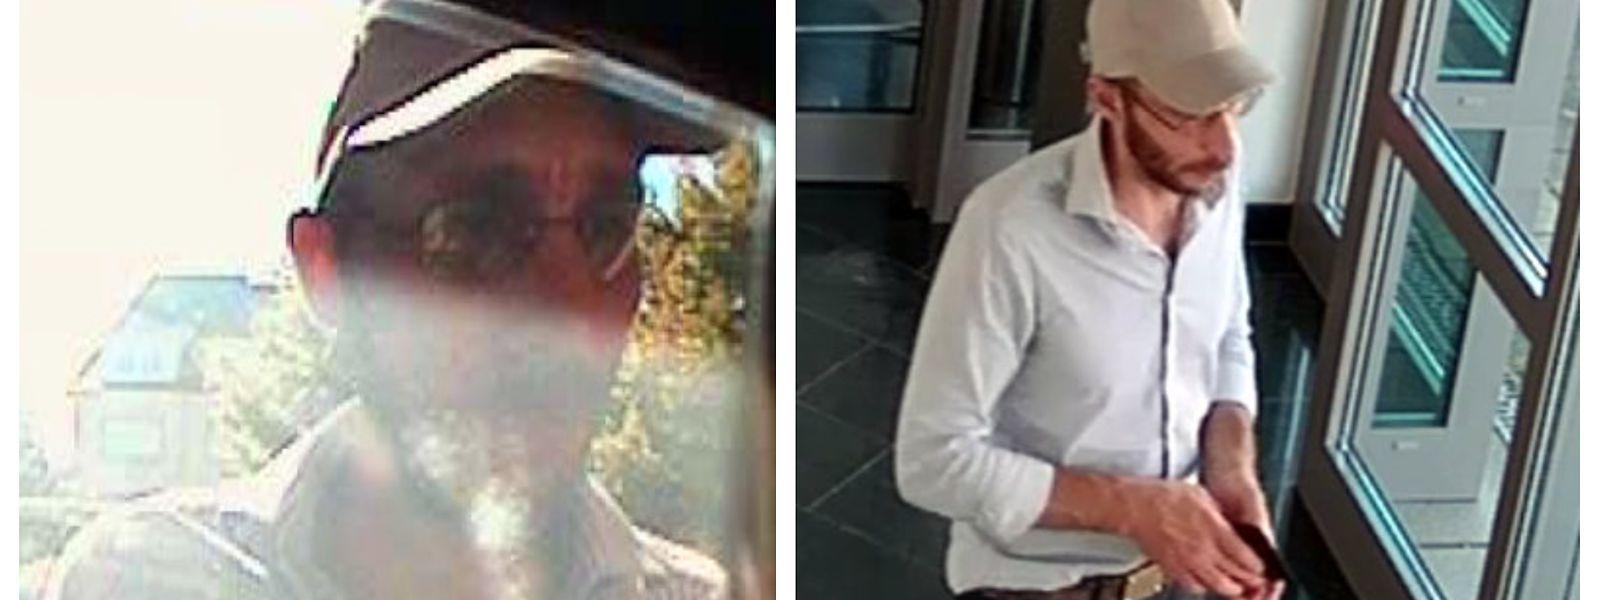 Wer kennt diese Person? Die Polizei sucht im Zusammenhang mit einem Kreditkartendiebstahl nach Zeugen.